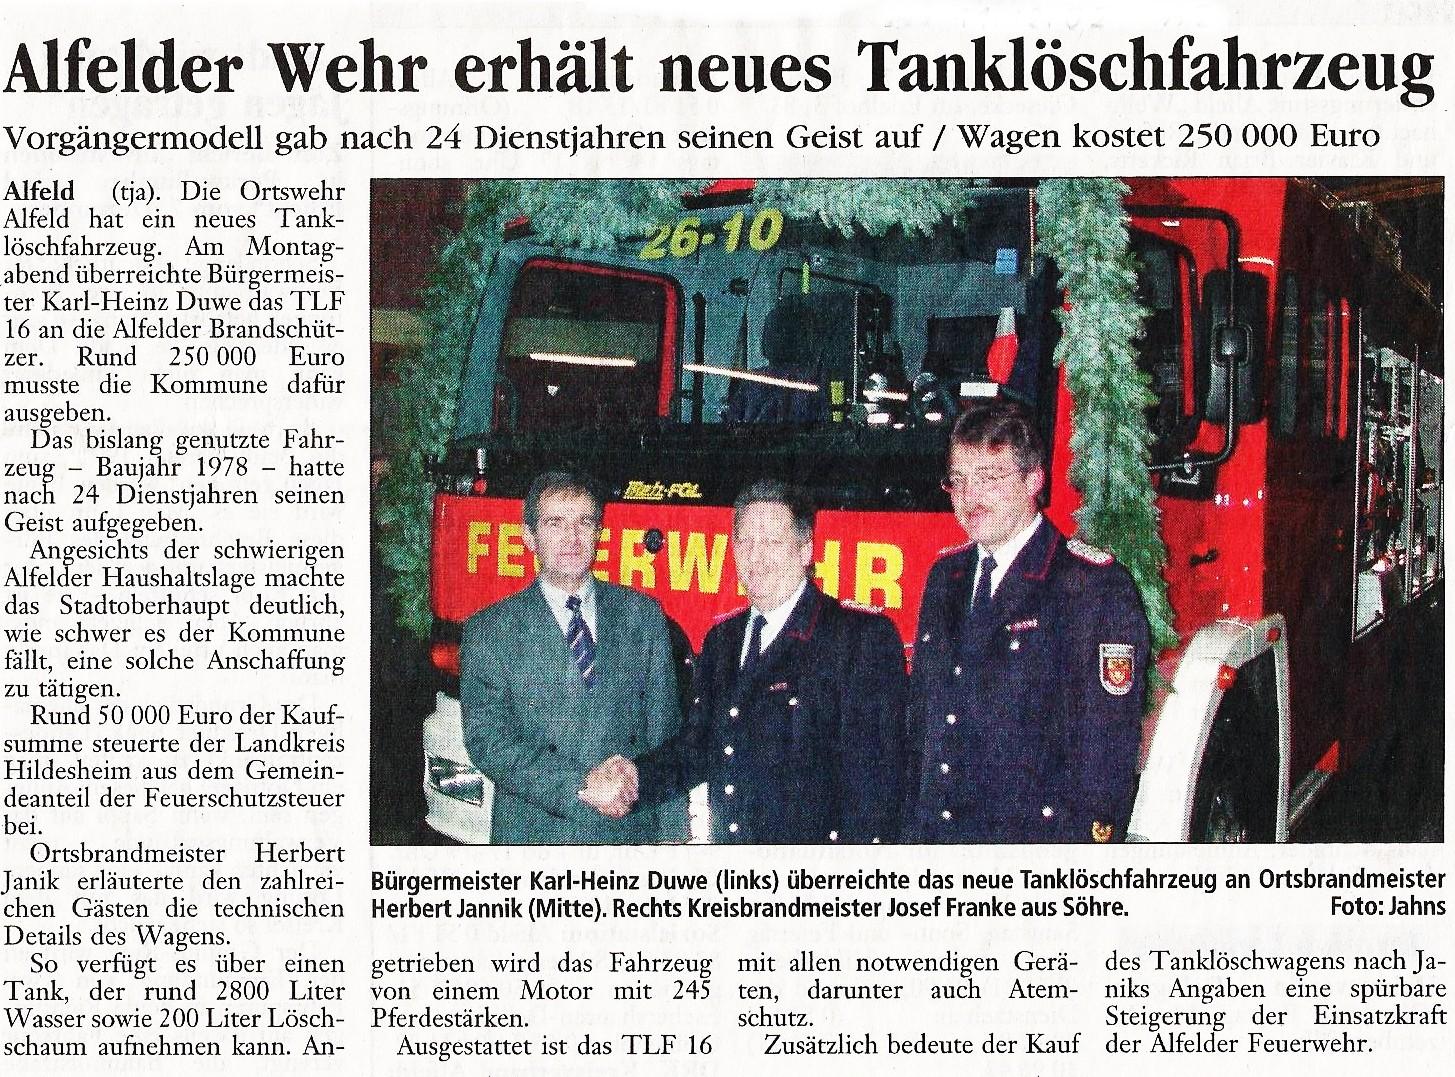 2002-12-11 Alfelder Wehr erhält neues Tanklöschfahrzeug